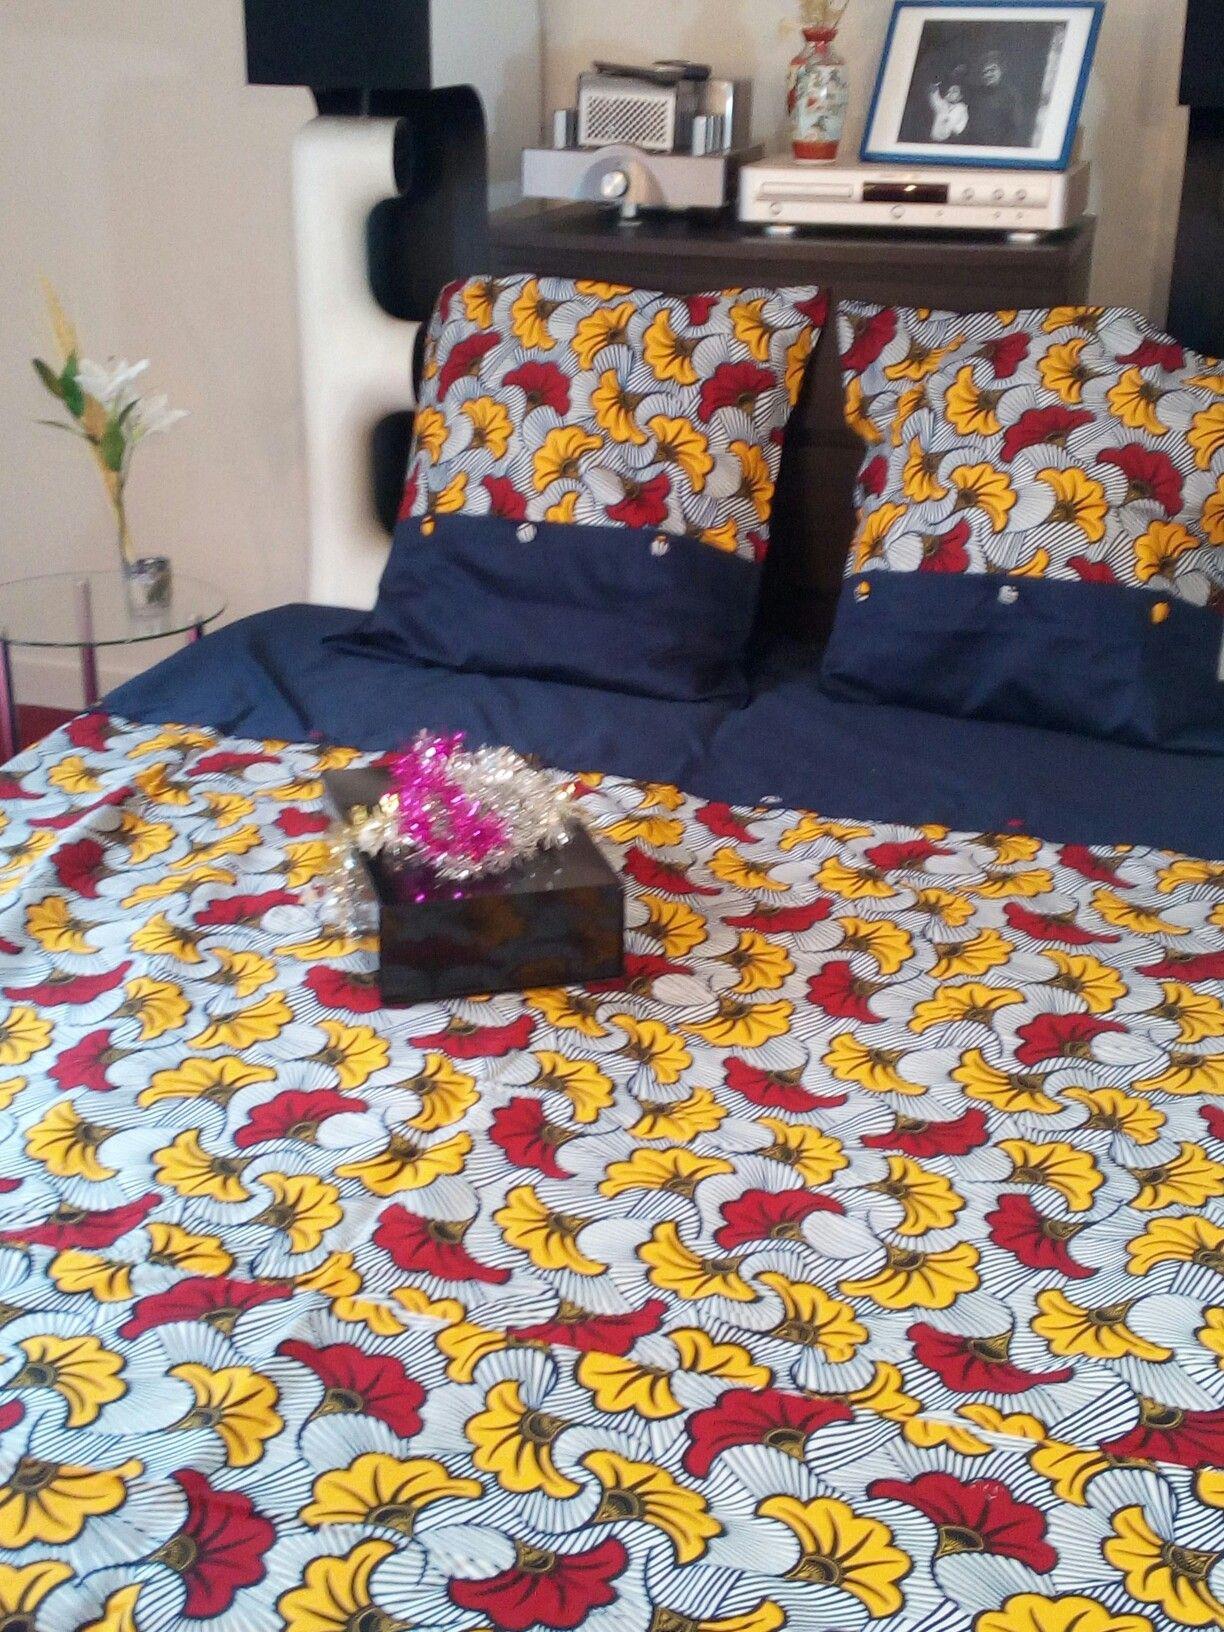 Housse De Couette En Wax 9 African Bedding Bedsets Parure De Lit En Wax Waxindeco Deco Maison Deco Etnique Parure De Lit